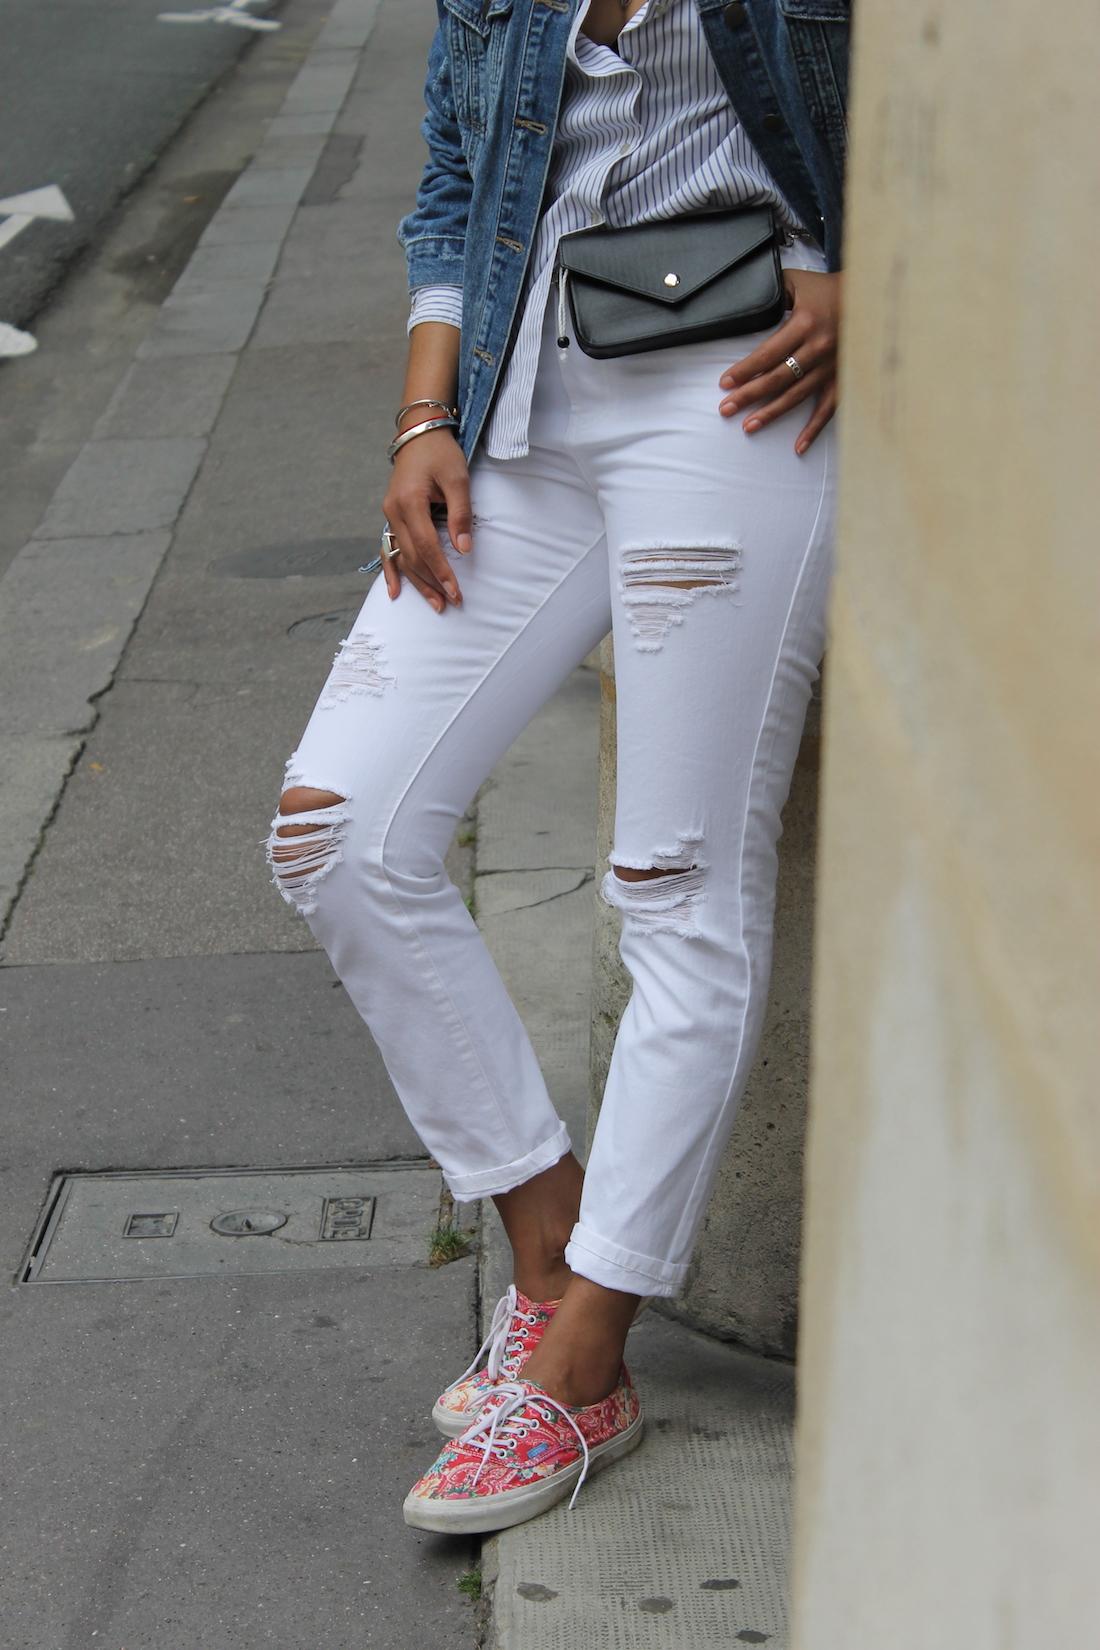 jean-blanc-vans-fleurs-ceinture-sacoche